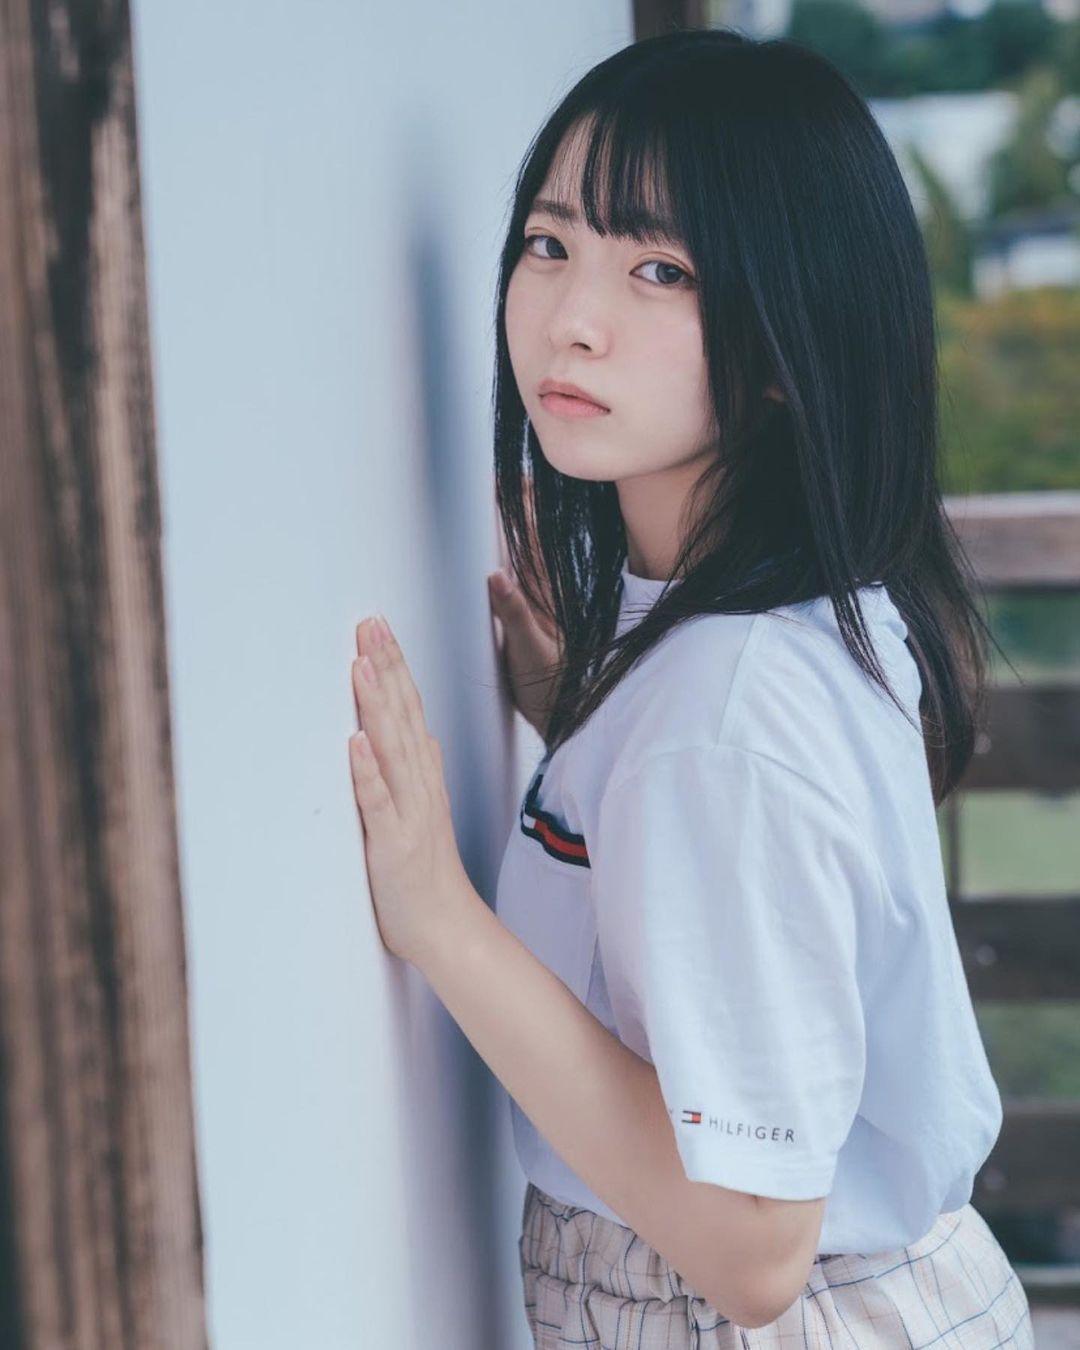 17岁仙女高中生瀬戸りつ绝美长相激似IU 全身散发空灵气质美到有点不真实 养眼图片 第30张